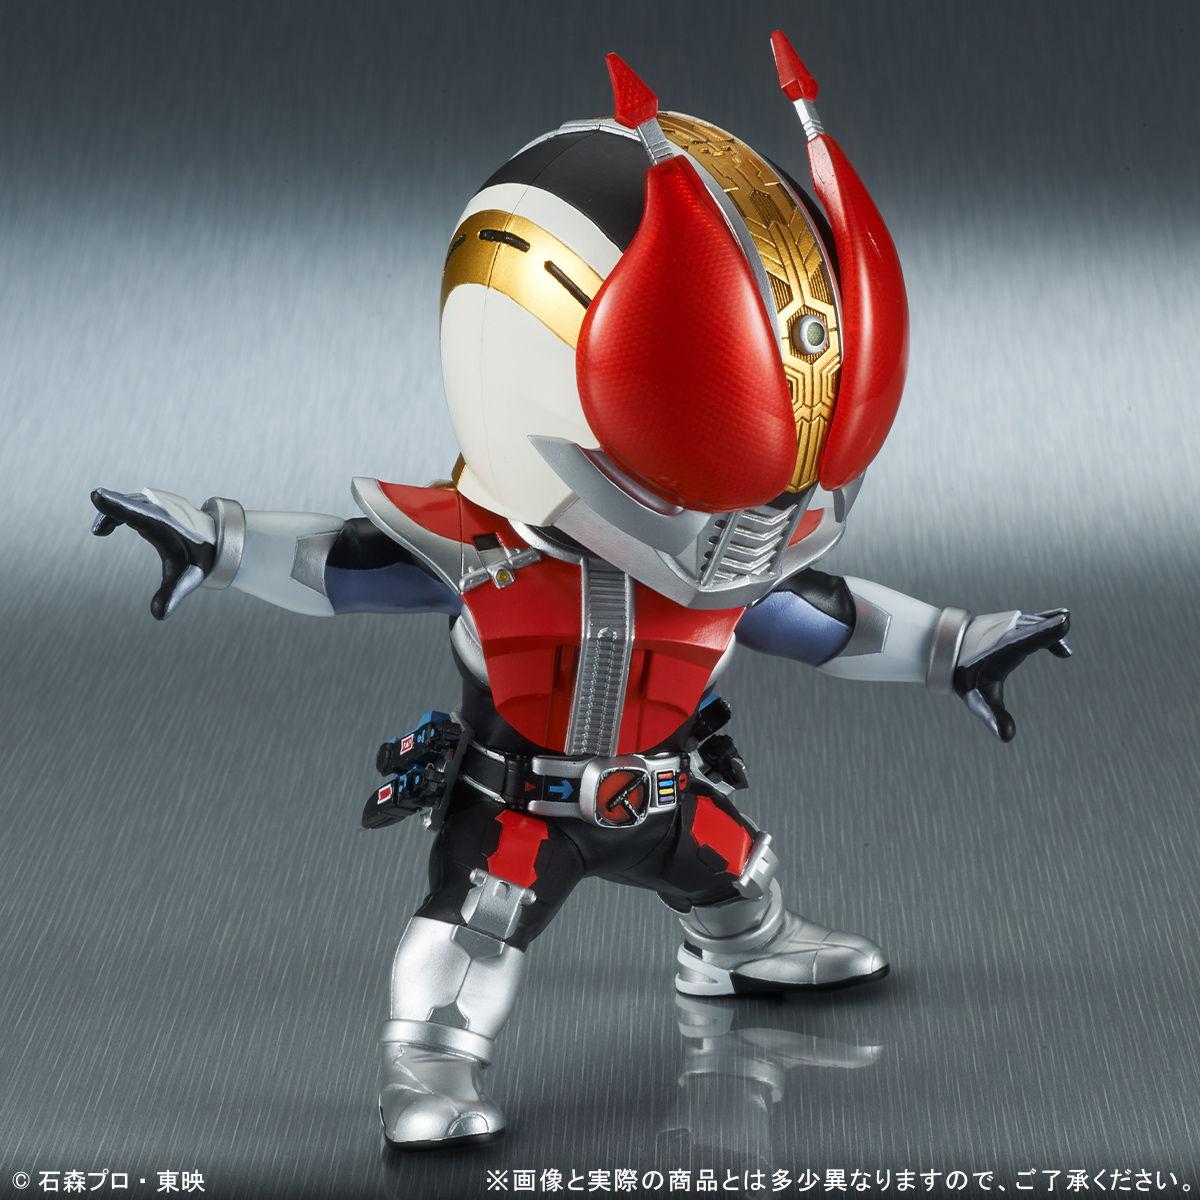 【限定販売】デフォリアル『仮面ライダー電王 ソードフォーム』完成品フィギュア-005